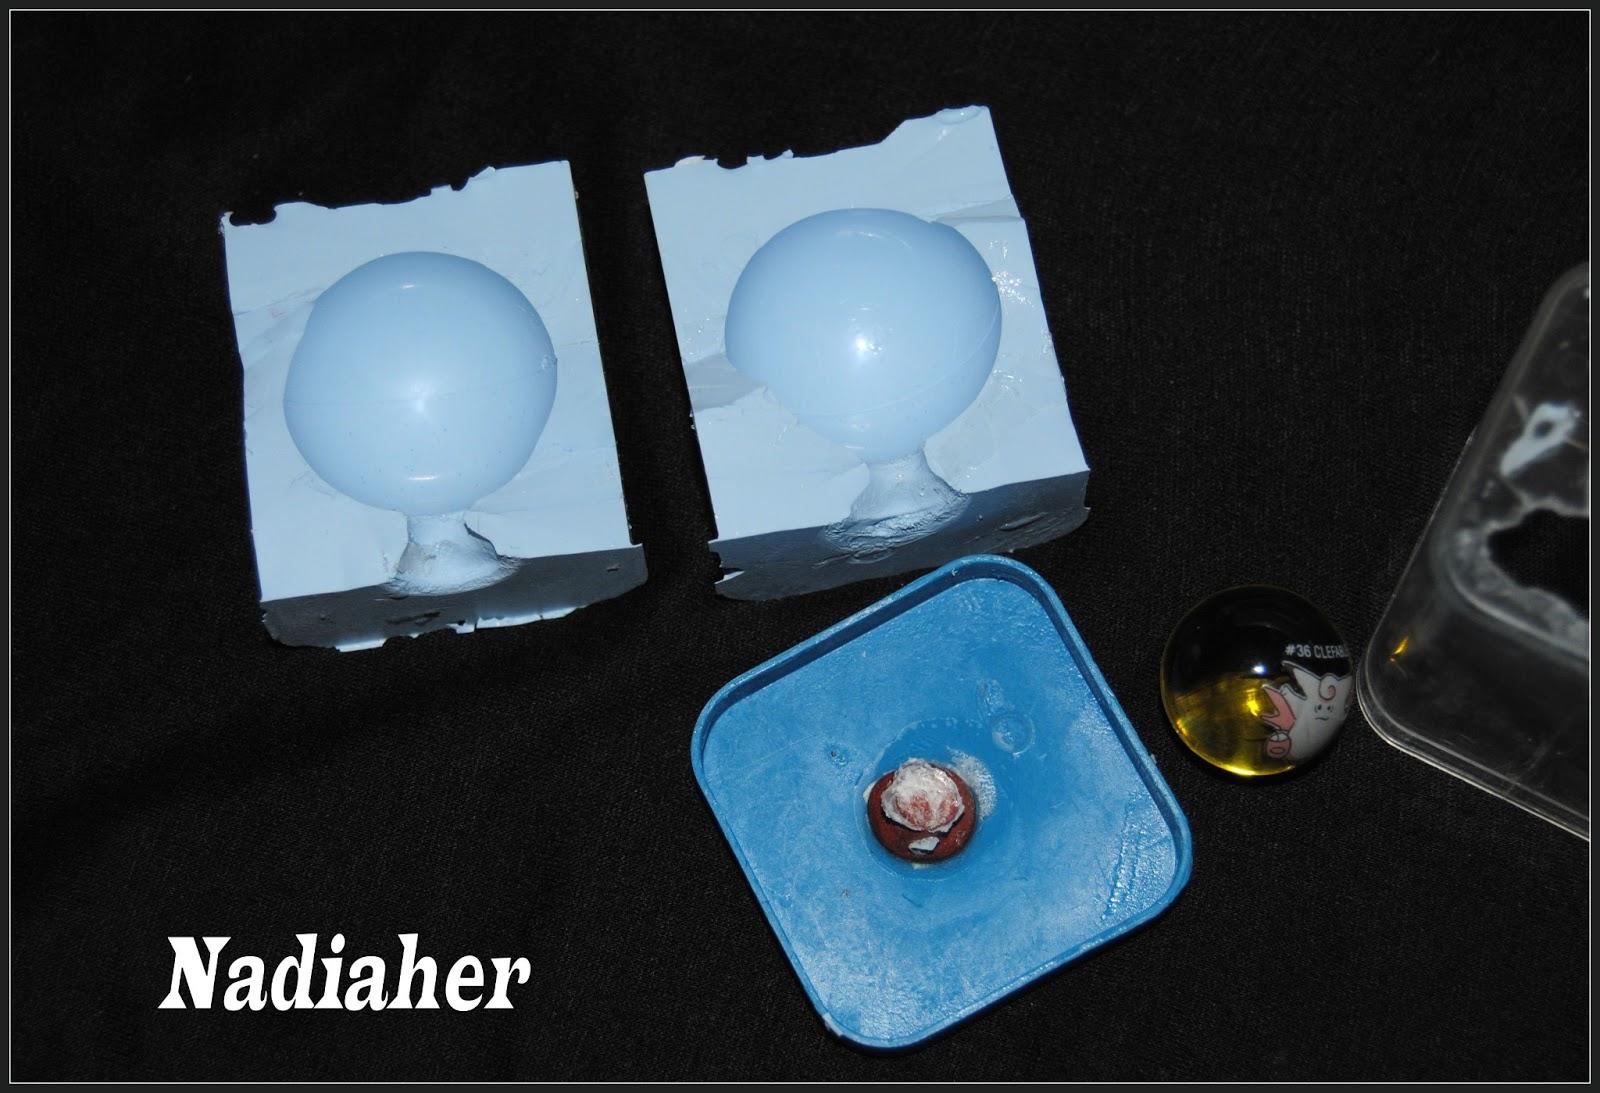 Les bijoux de nadia comment r aliser un moule sph re en silicon liquide - Comment enlever le silicone ...